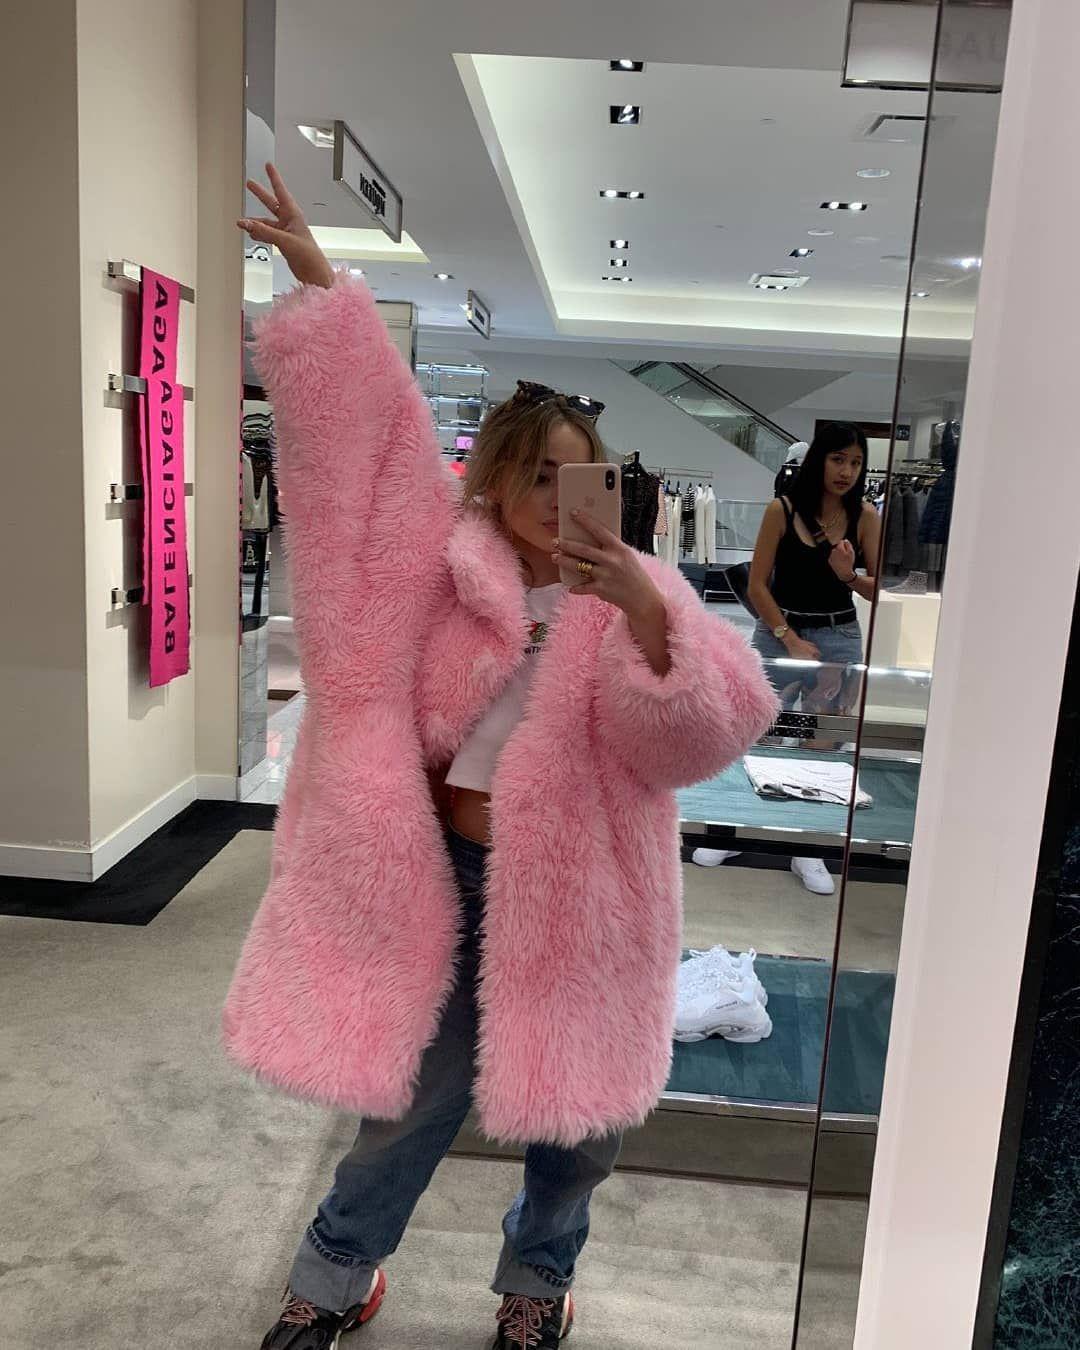 Sabrina Via Weibo I Love A Pink Teddy Coat Jan 4 2020 Sabrina Sabrina Carpenter Outfits Sabrina Carpenter Style Sabrina Carpenter